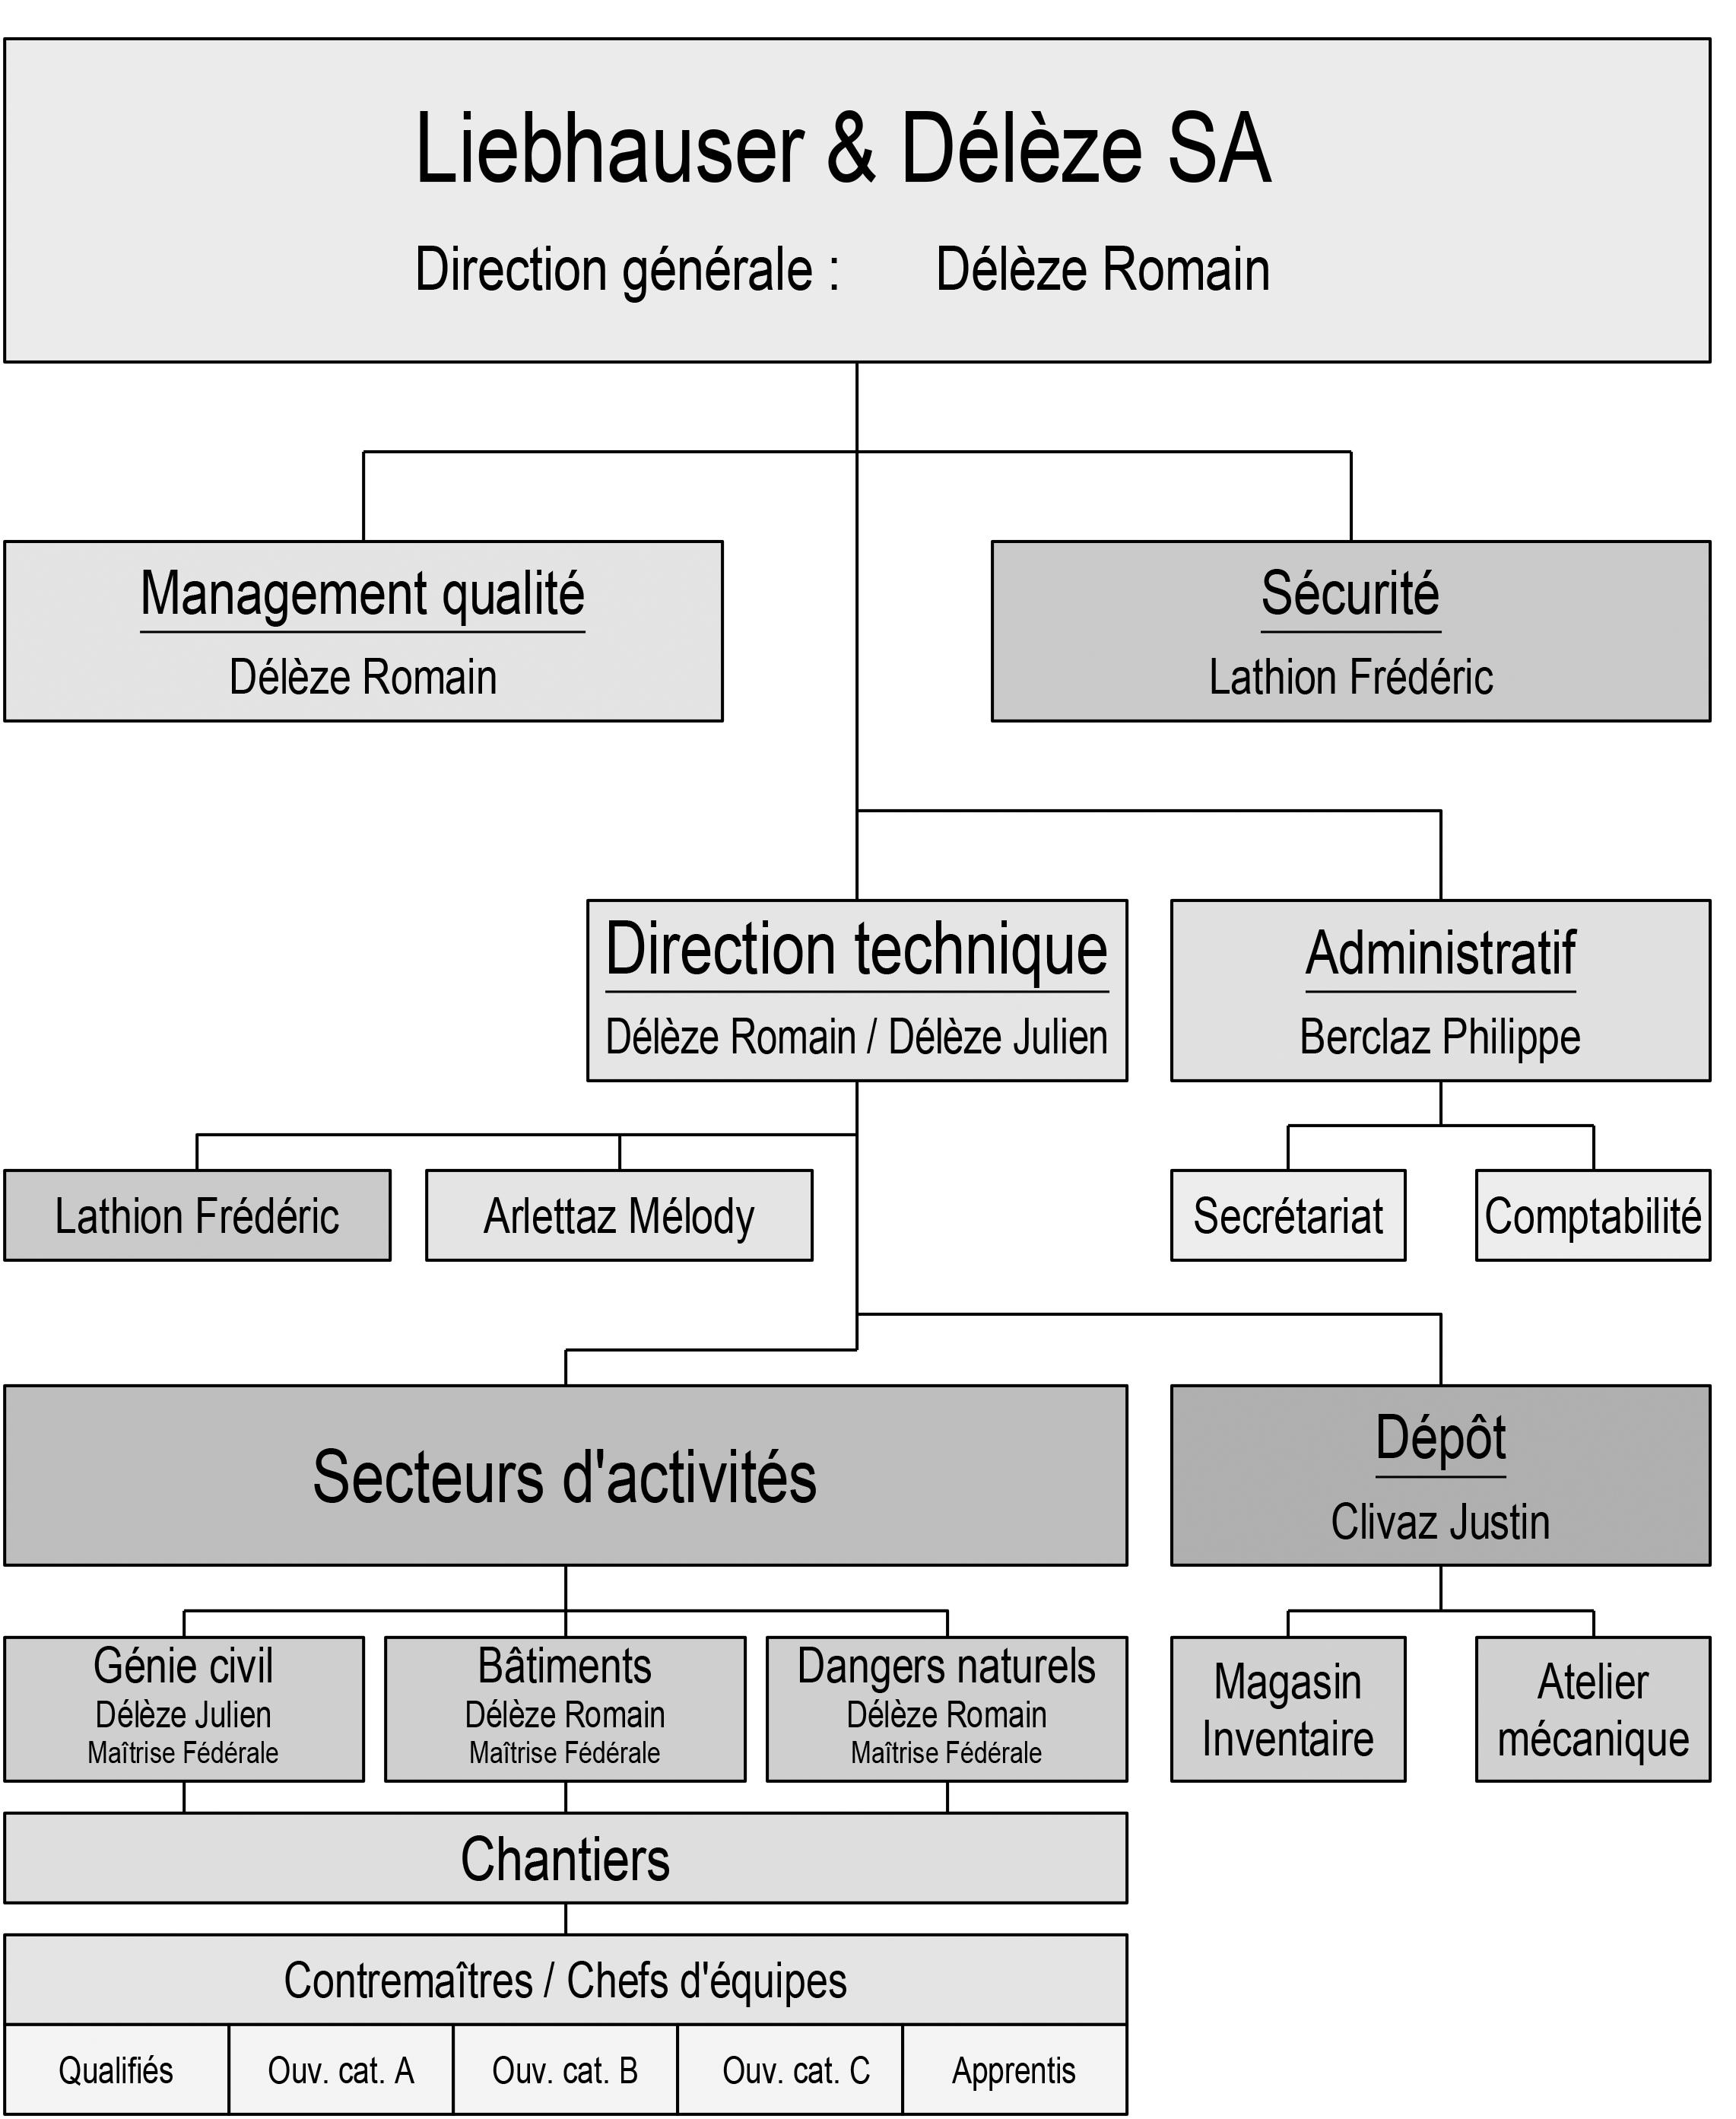 Organigramme-de-l'entreprise.jpg